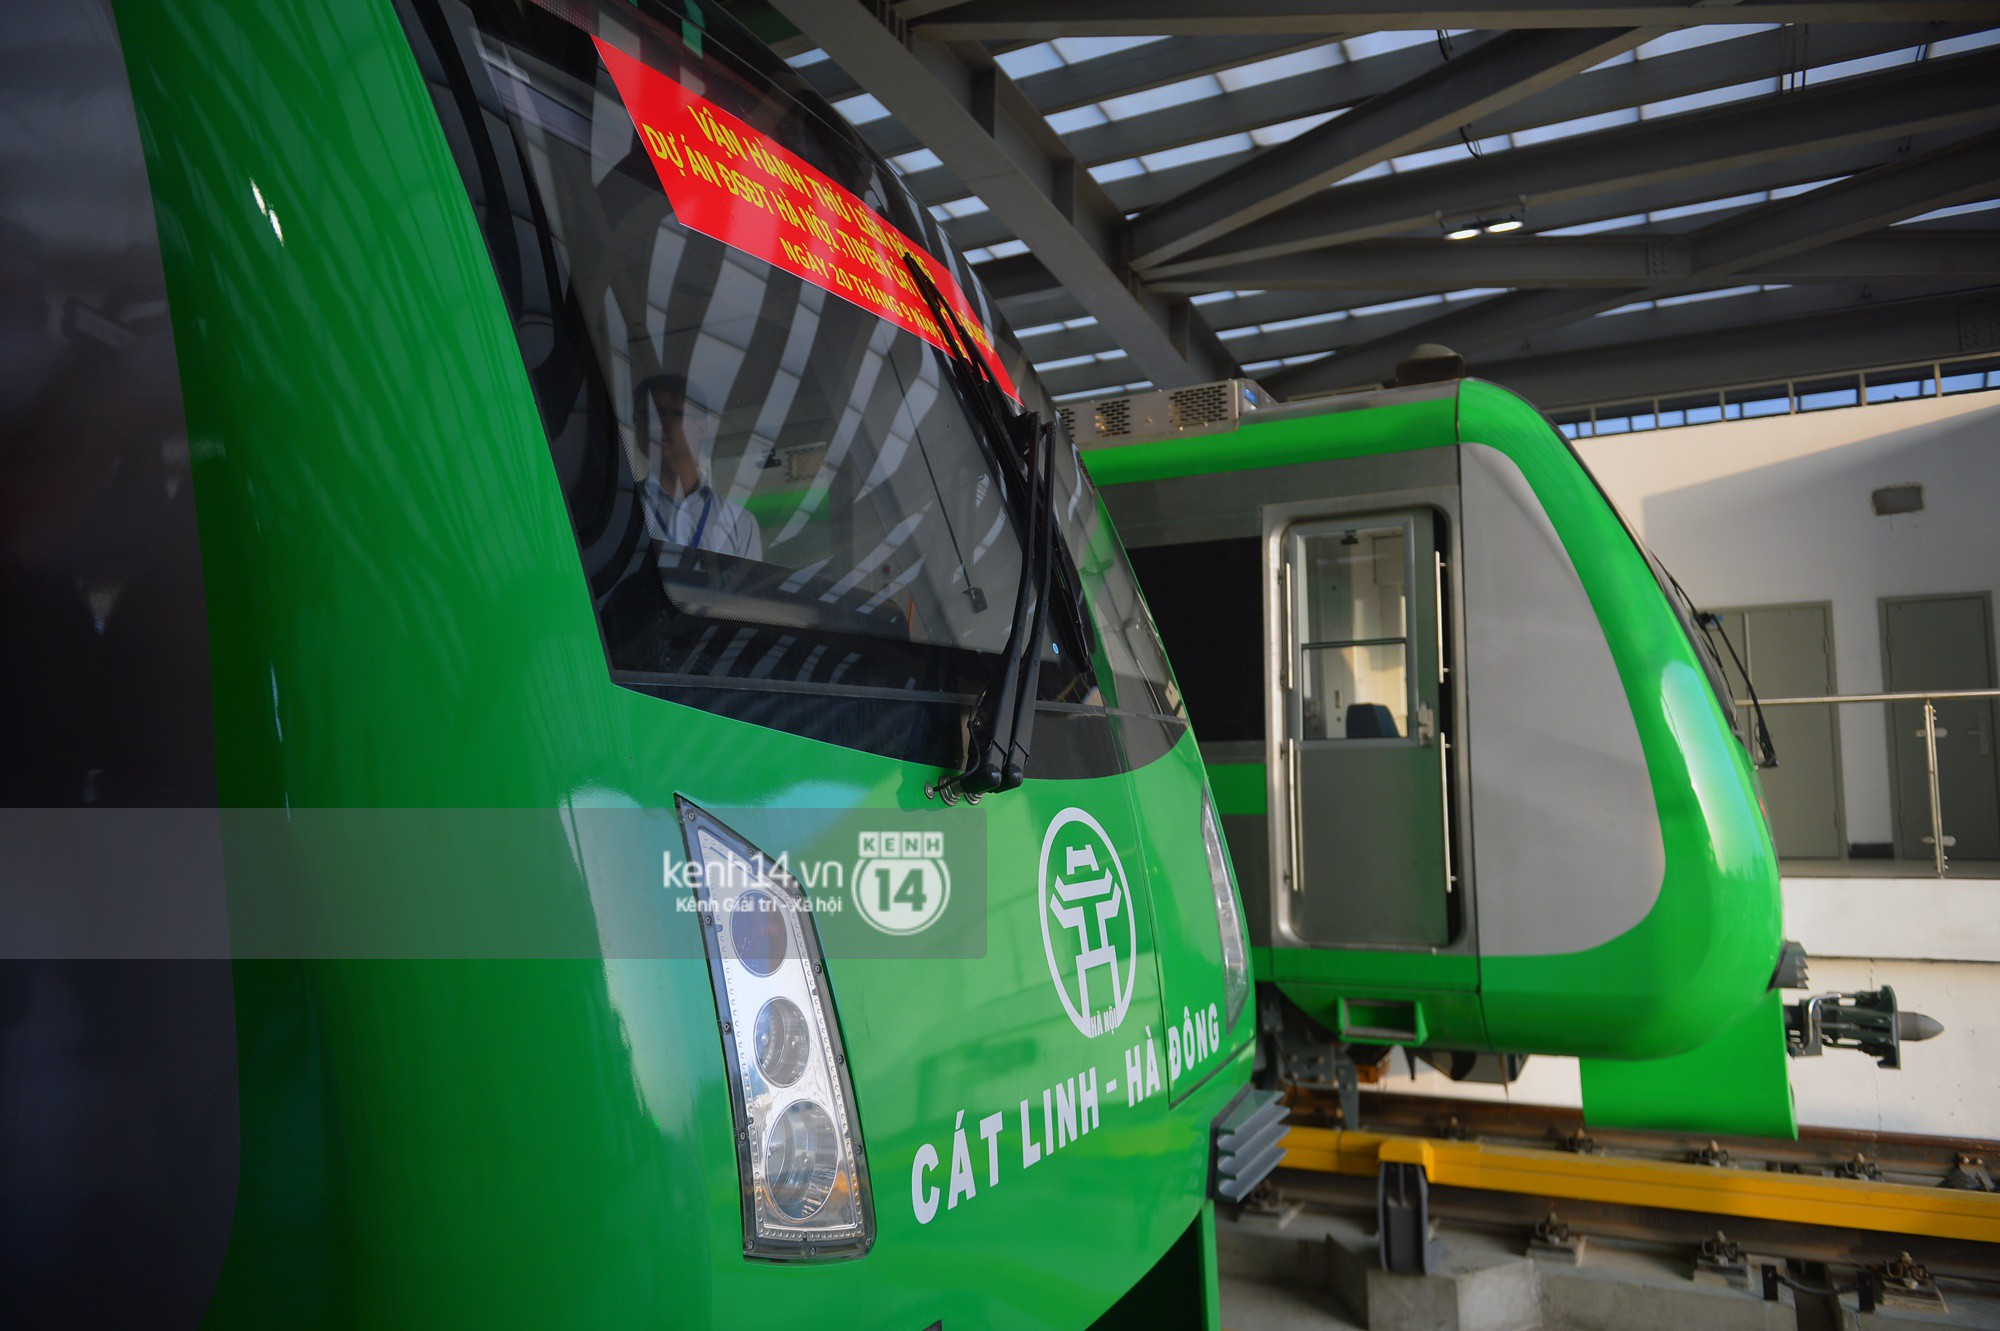 Trải nghiệm tàu đường sắt trên cao Cát Linh - Hà Đông ngày chạy thử - Ảnh 3.